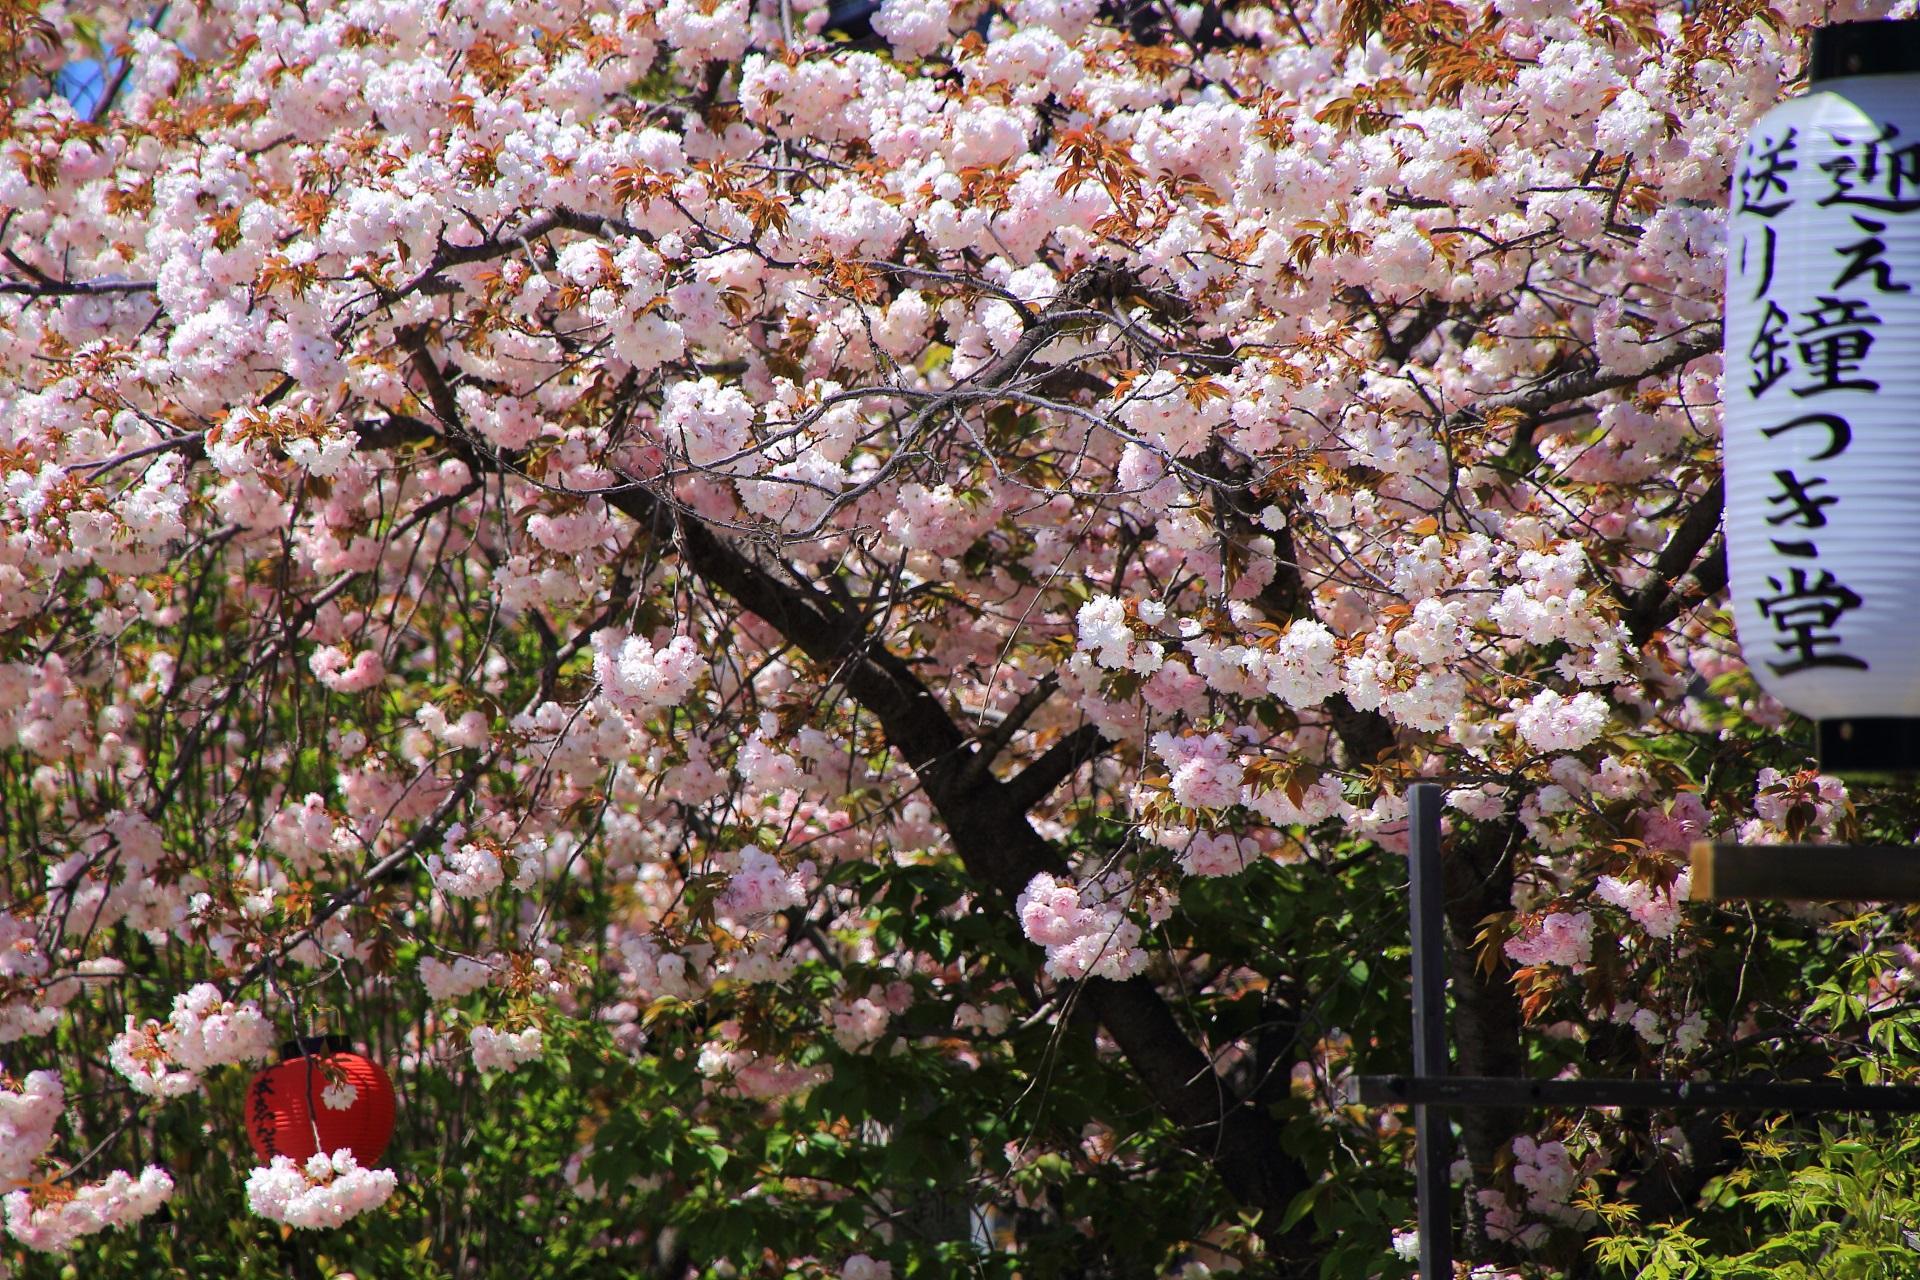 鐘つき堂(梵鐘)の提燈と桜